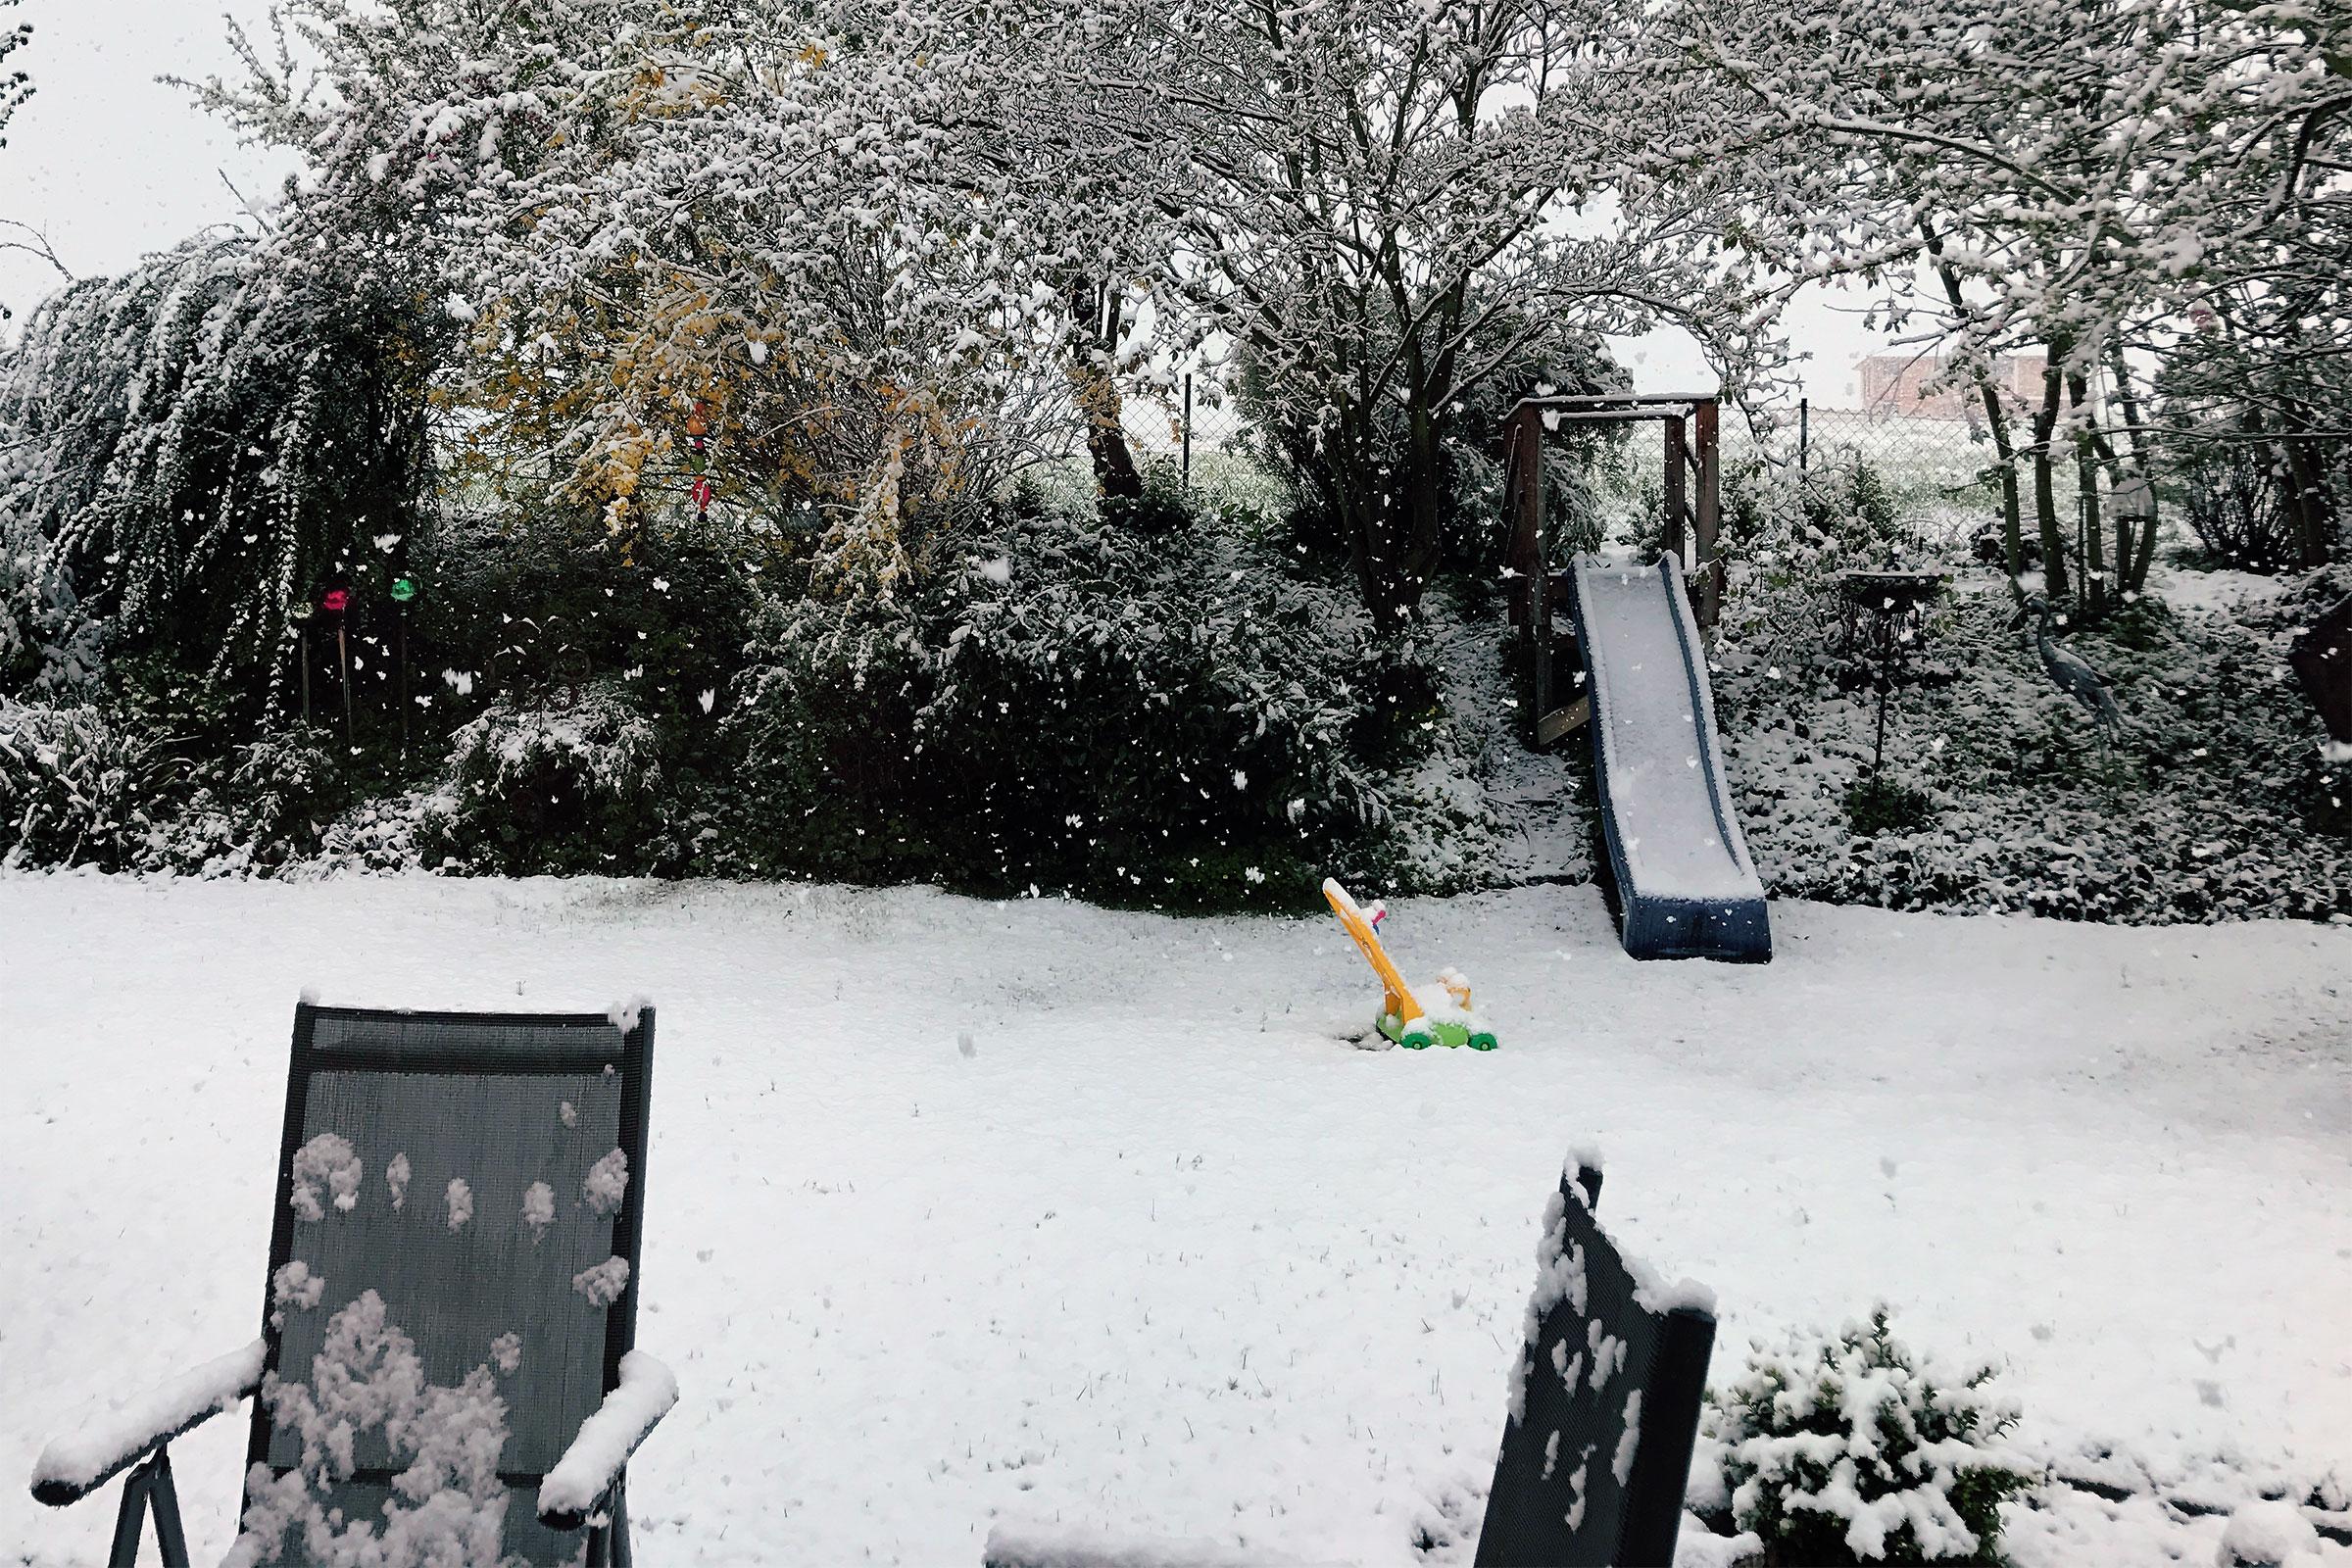 Schnee im Garten, im Hintergrund eine Kinderrutsche, davor – eingeschneit – ein Kinderrasenmäher